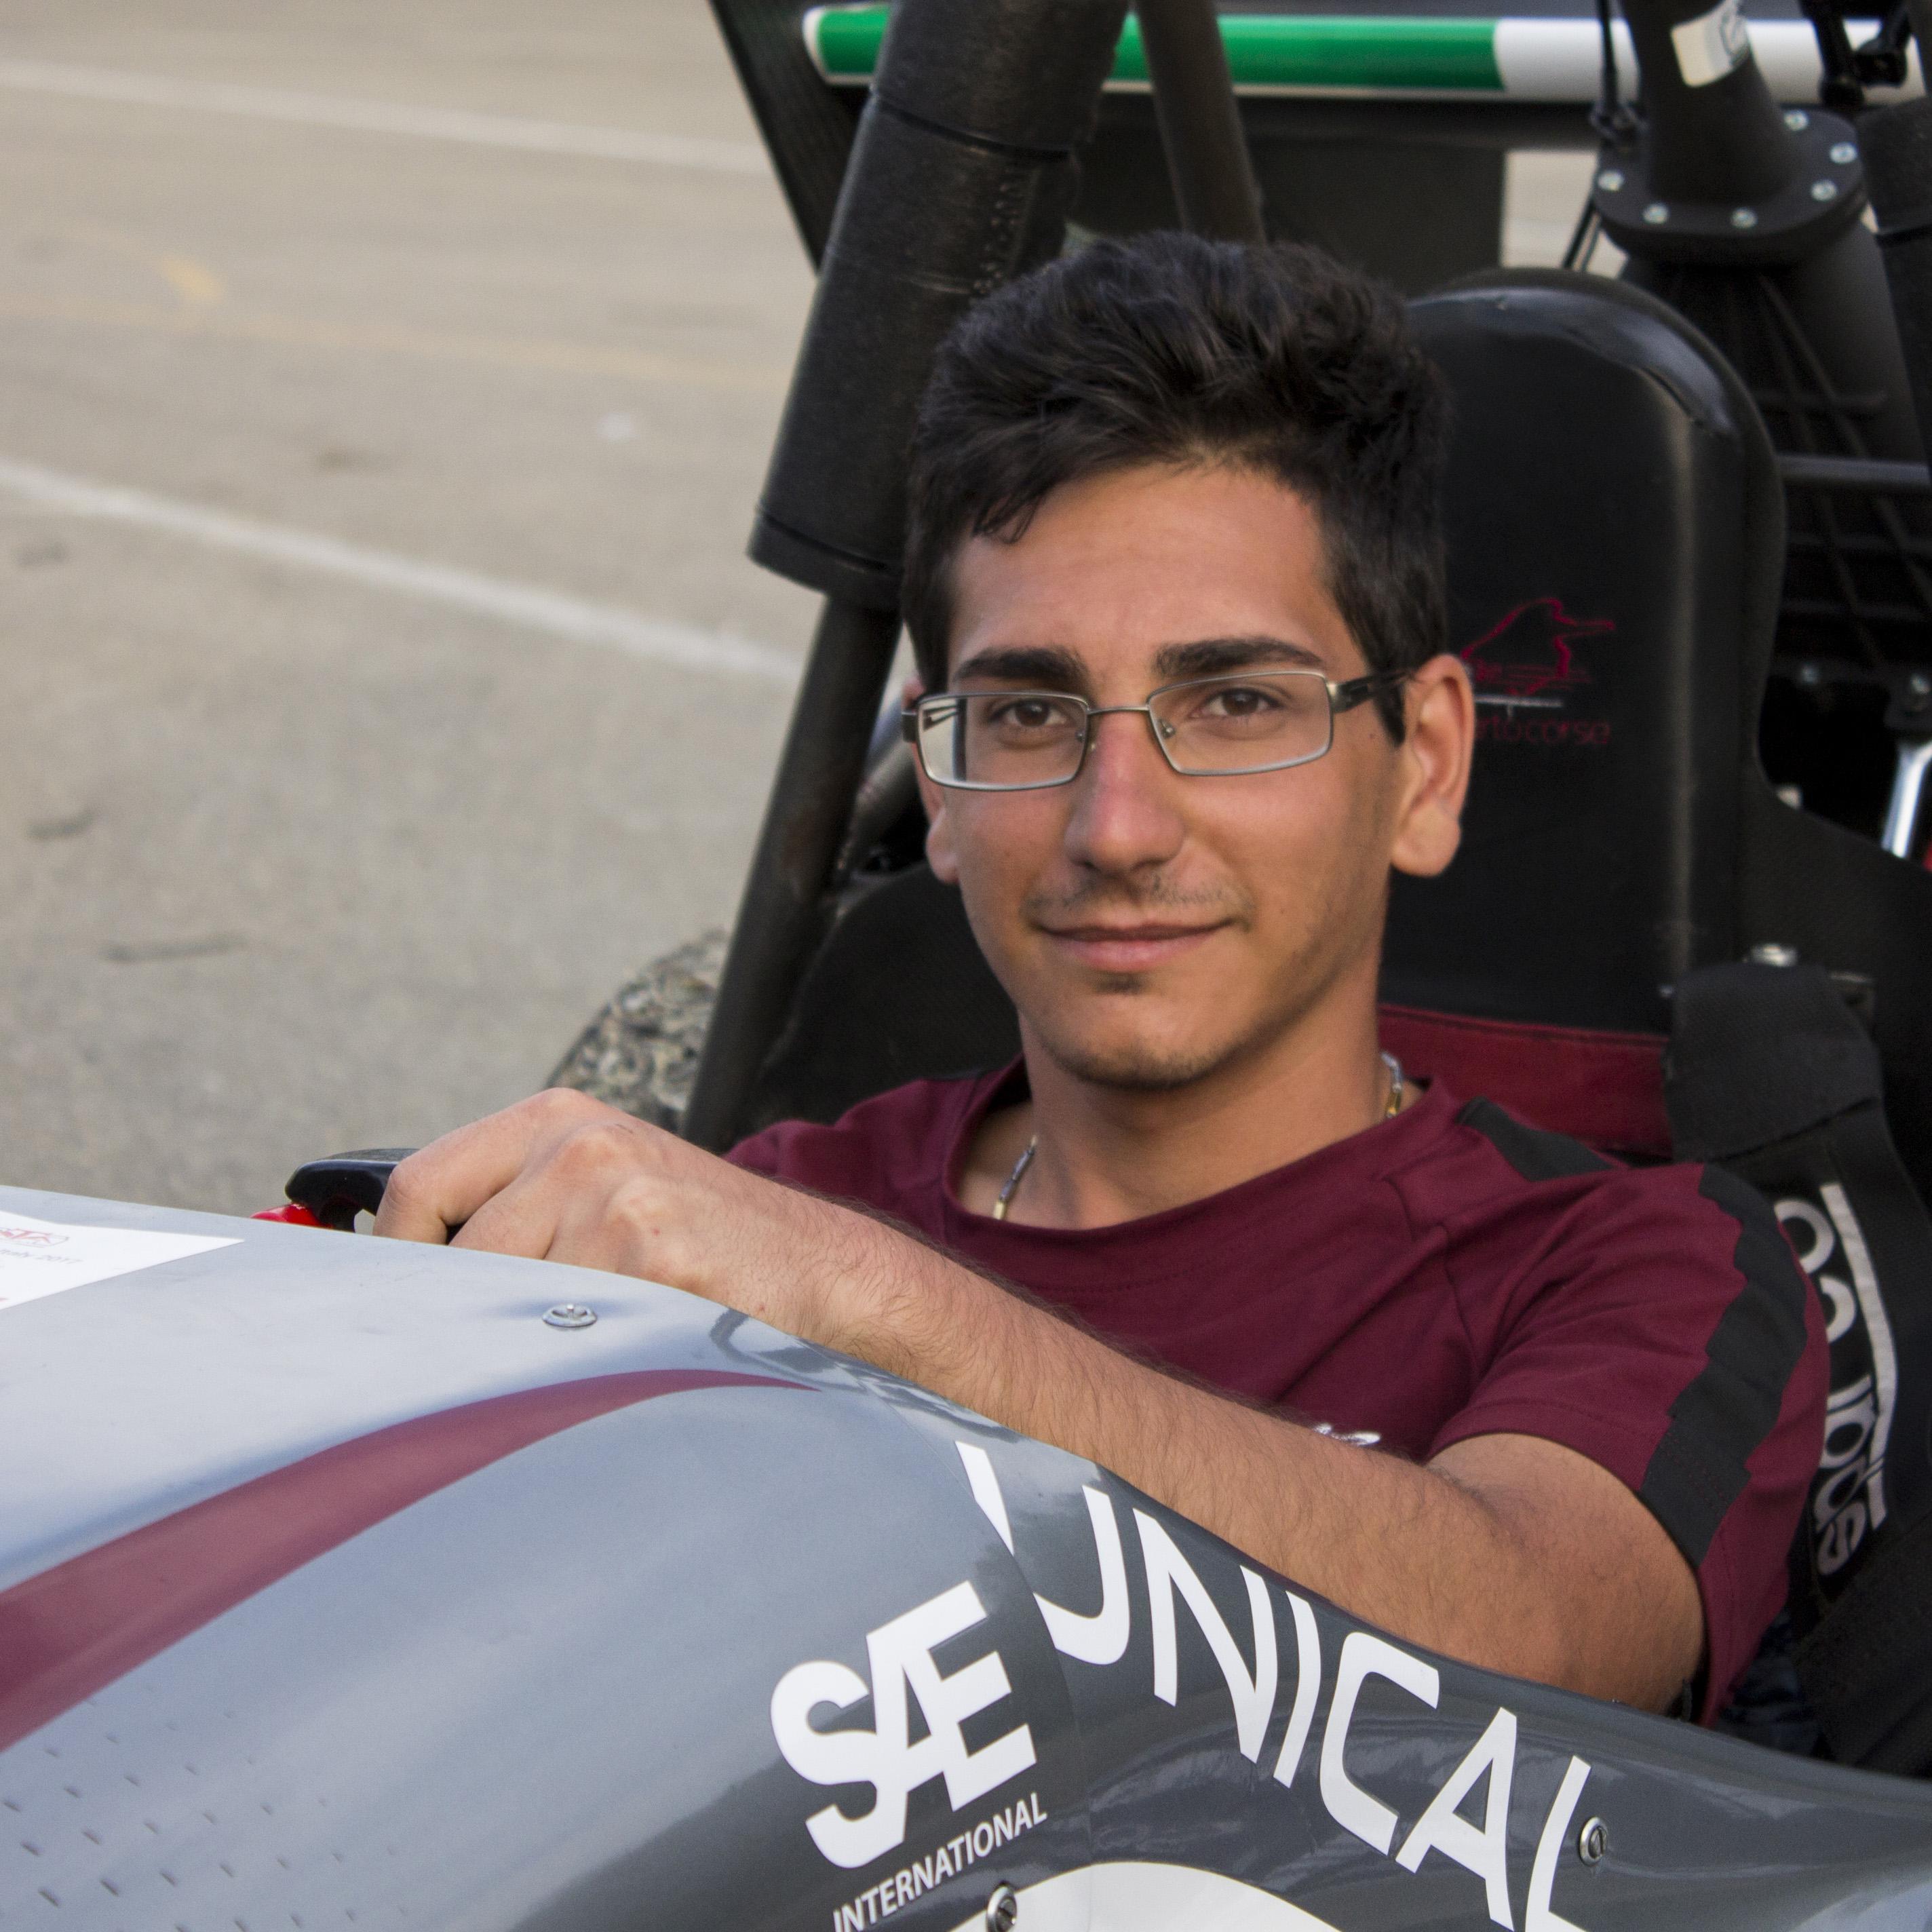 Antonio Agrelli